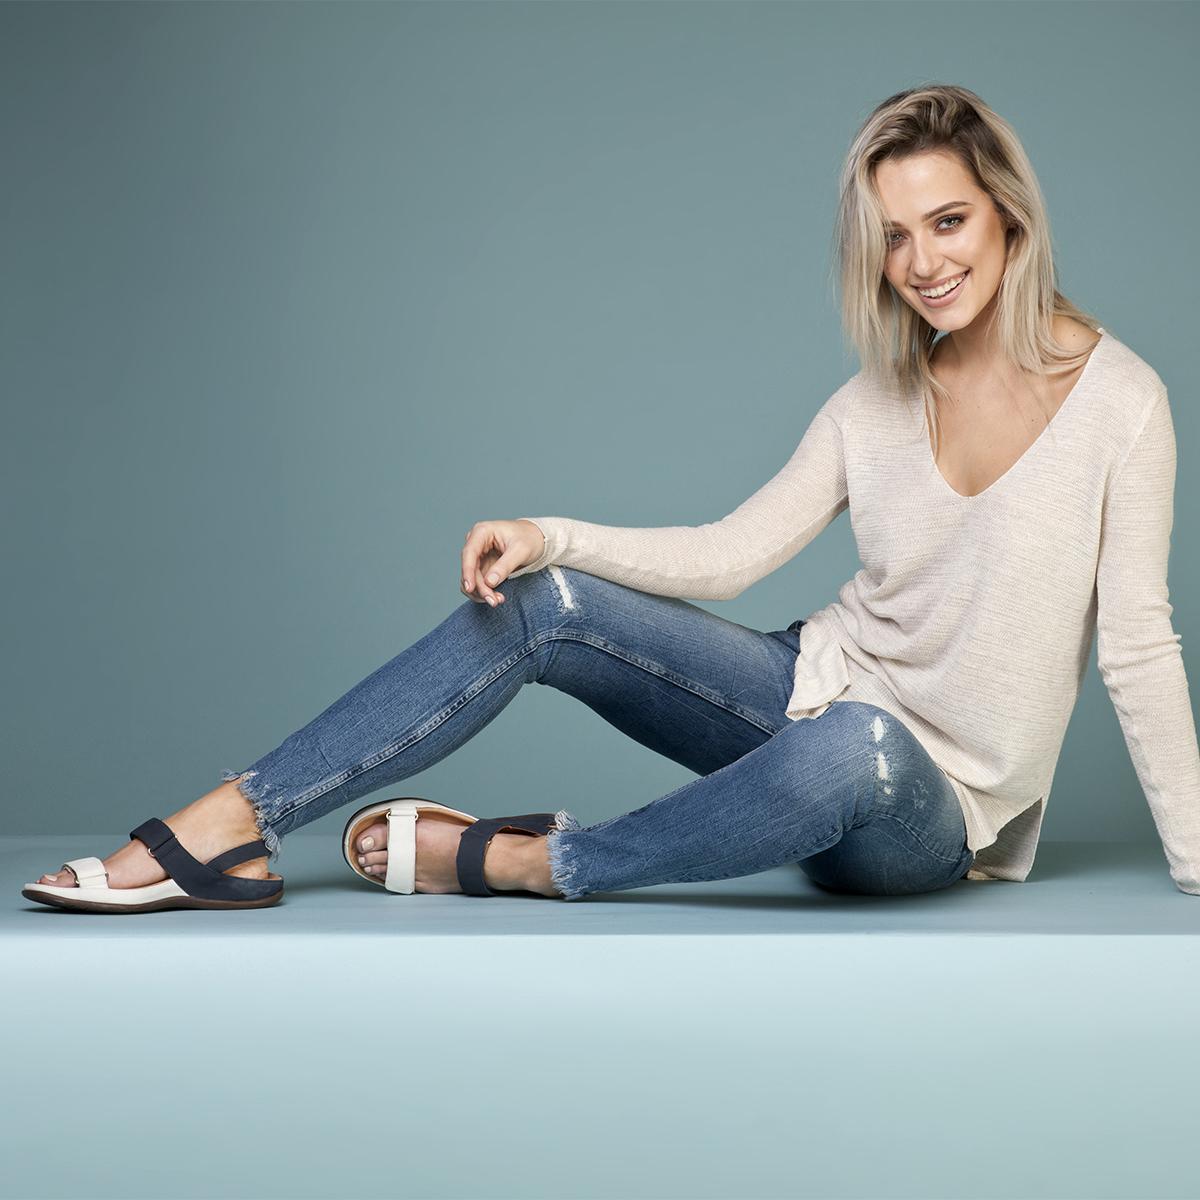 スニーカー感覚で歩き回れる「サンダル」|KONA (23-23.5cm) 独自開発の立体インソールで、スニーカーみたいに歩き回れる「サンダル」|strive